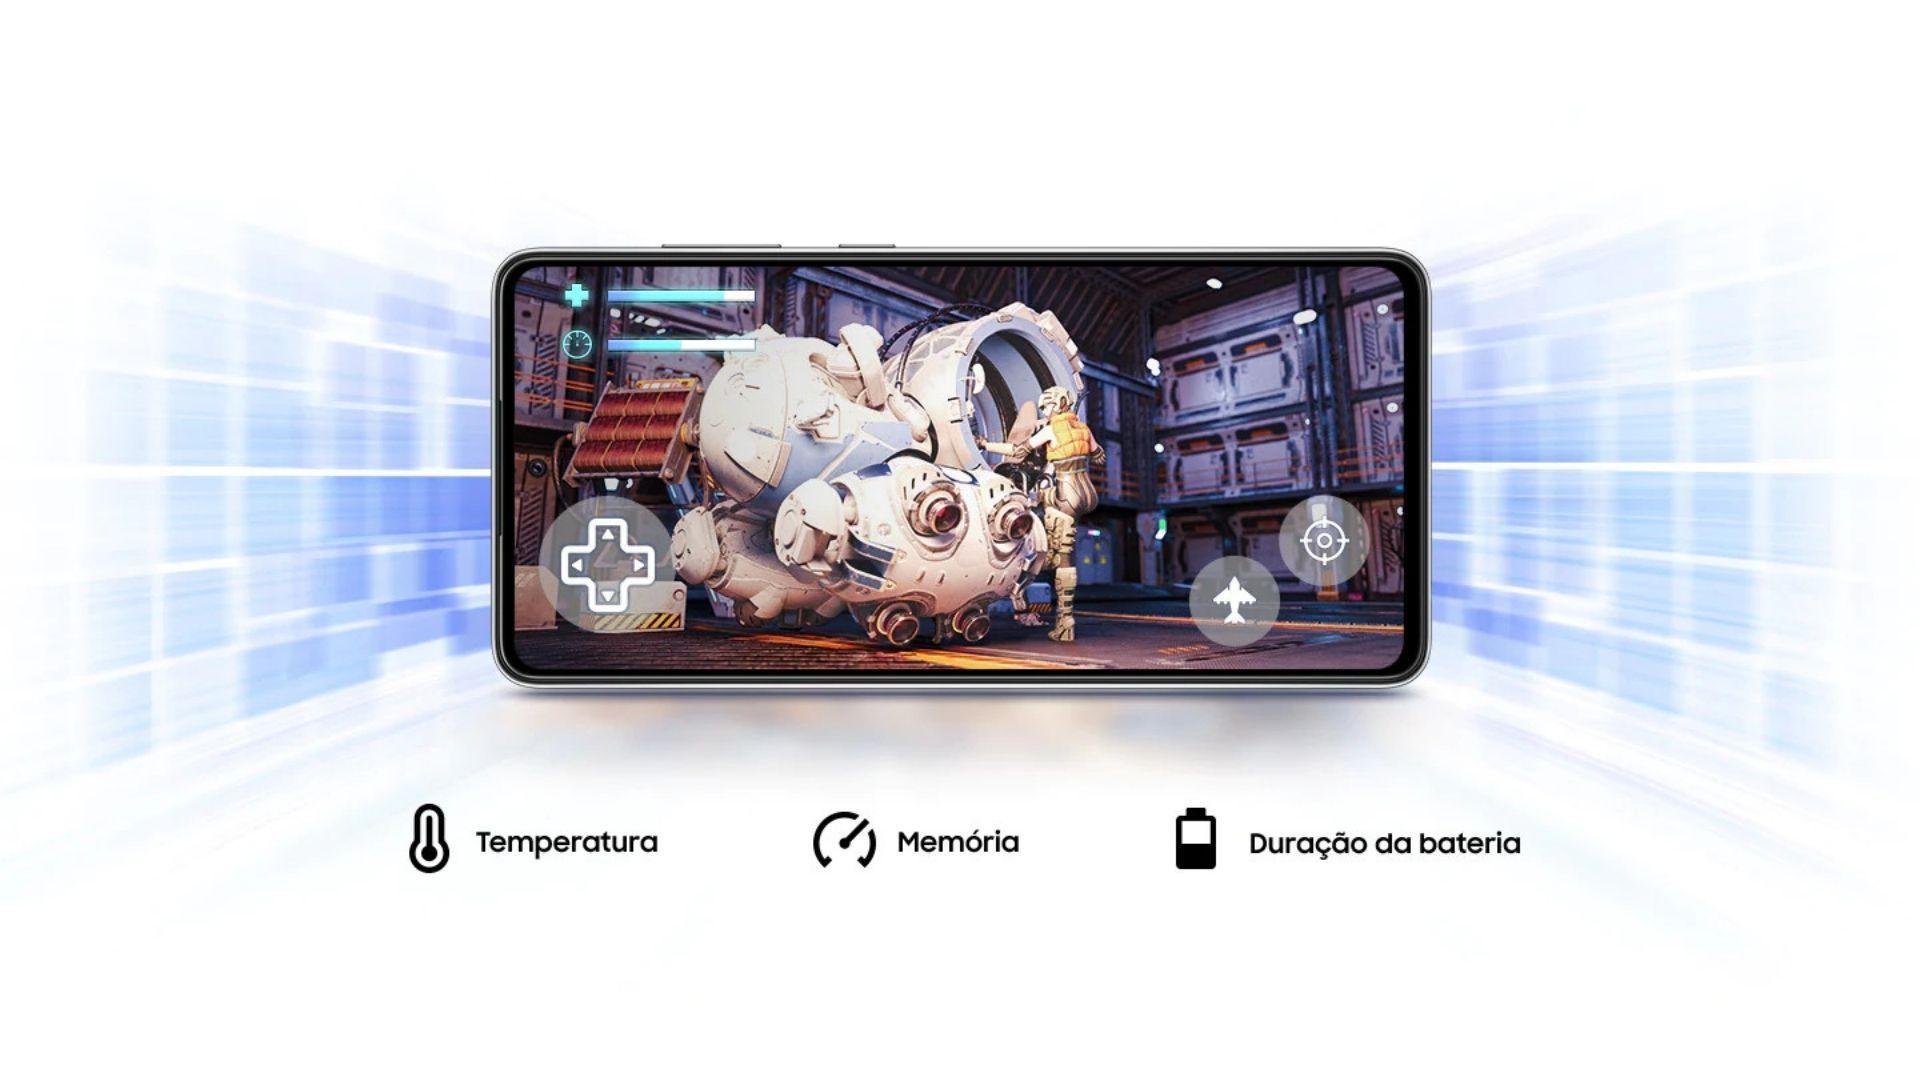 Parte frontal do A72 exibindo um jogo e um infográfico destacando temperatura, memória e duração da bateria